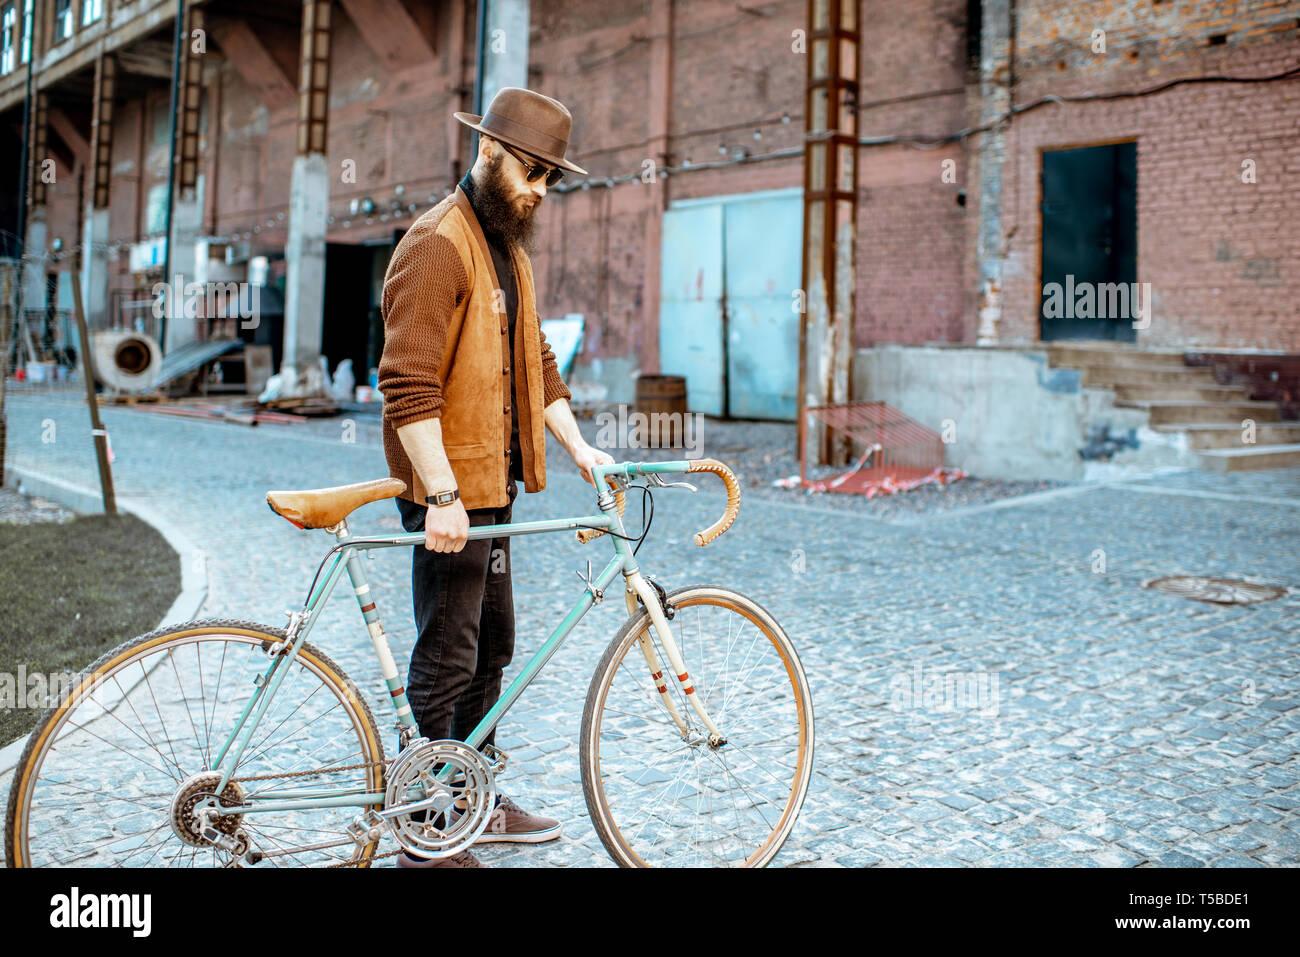 Stile di vita ritratto di un barbuto hipster vestito elegantemente camminando con retro bicicletta sul industriale di background urbano Foto Stock